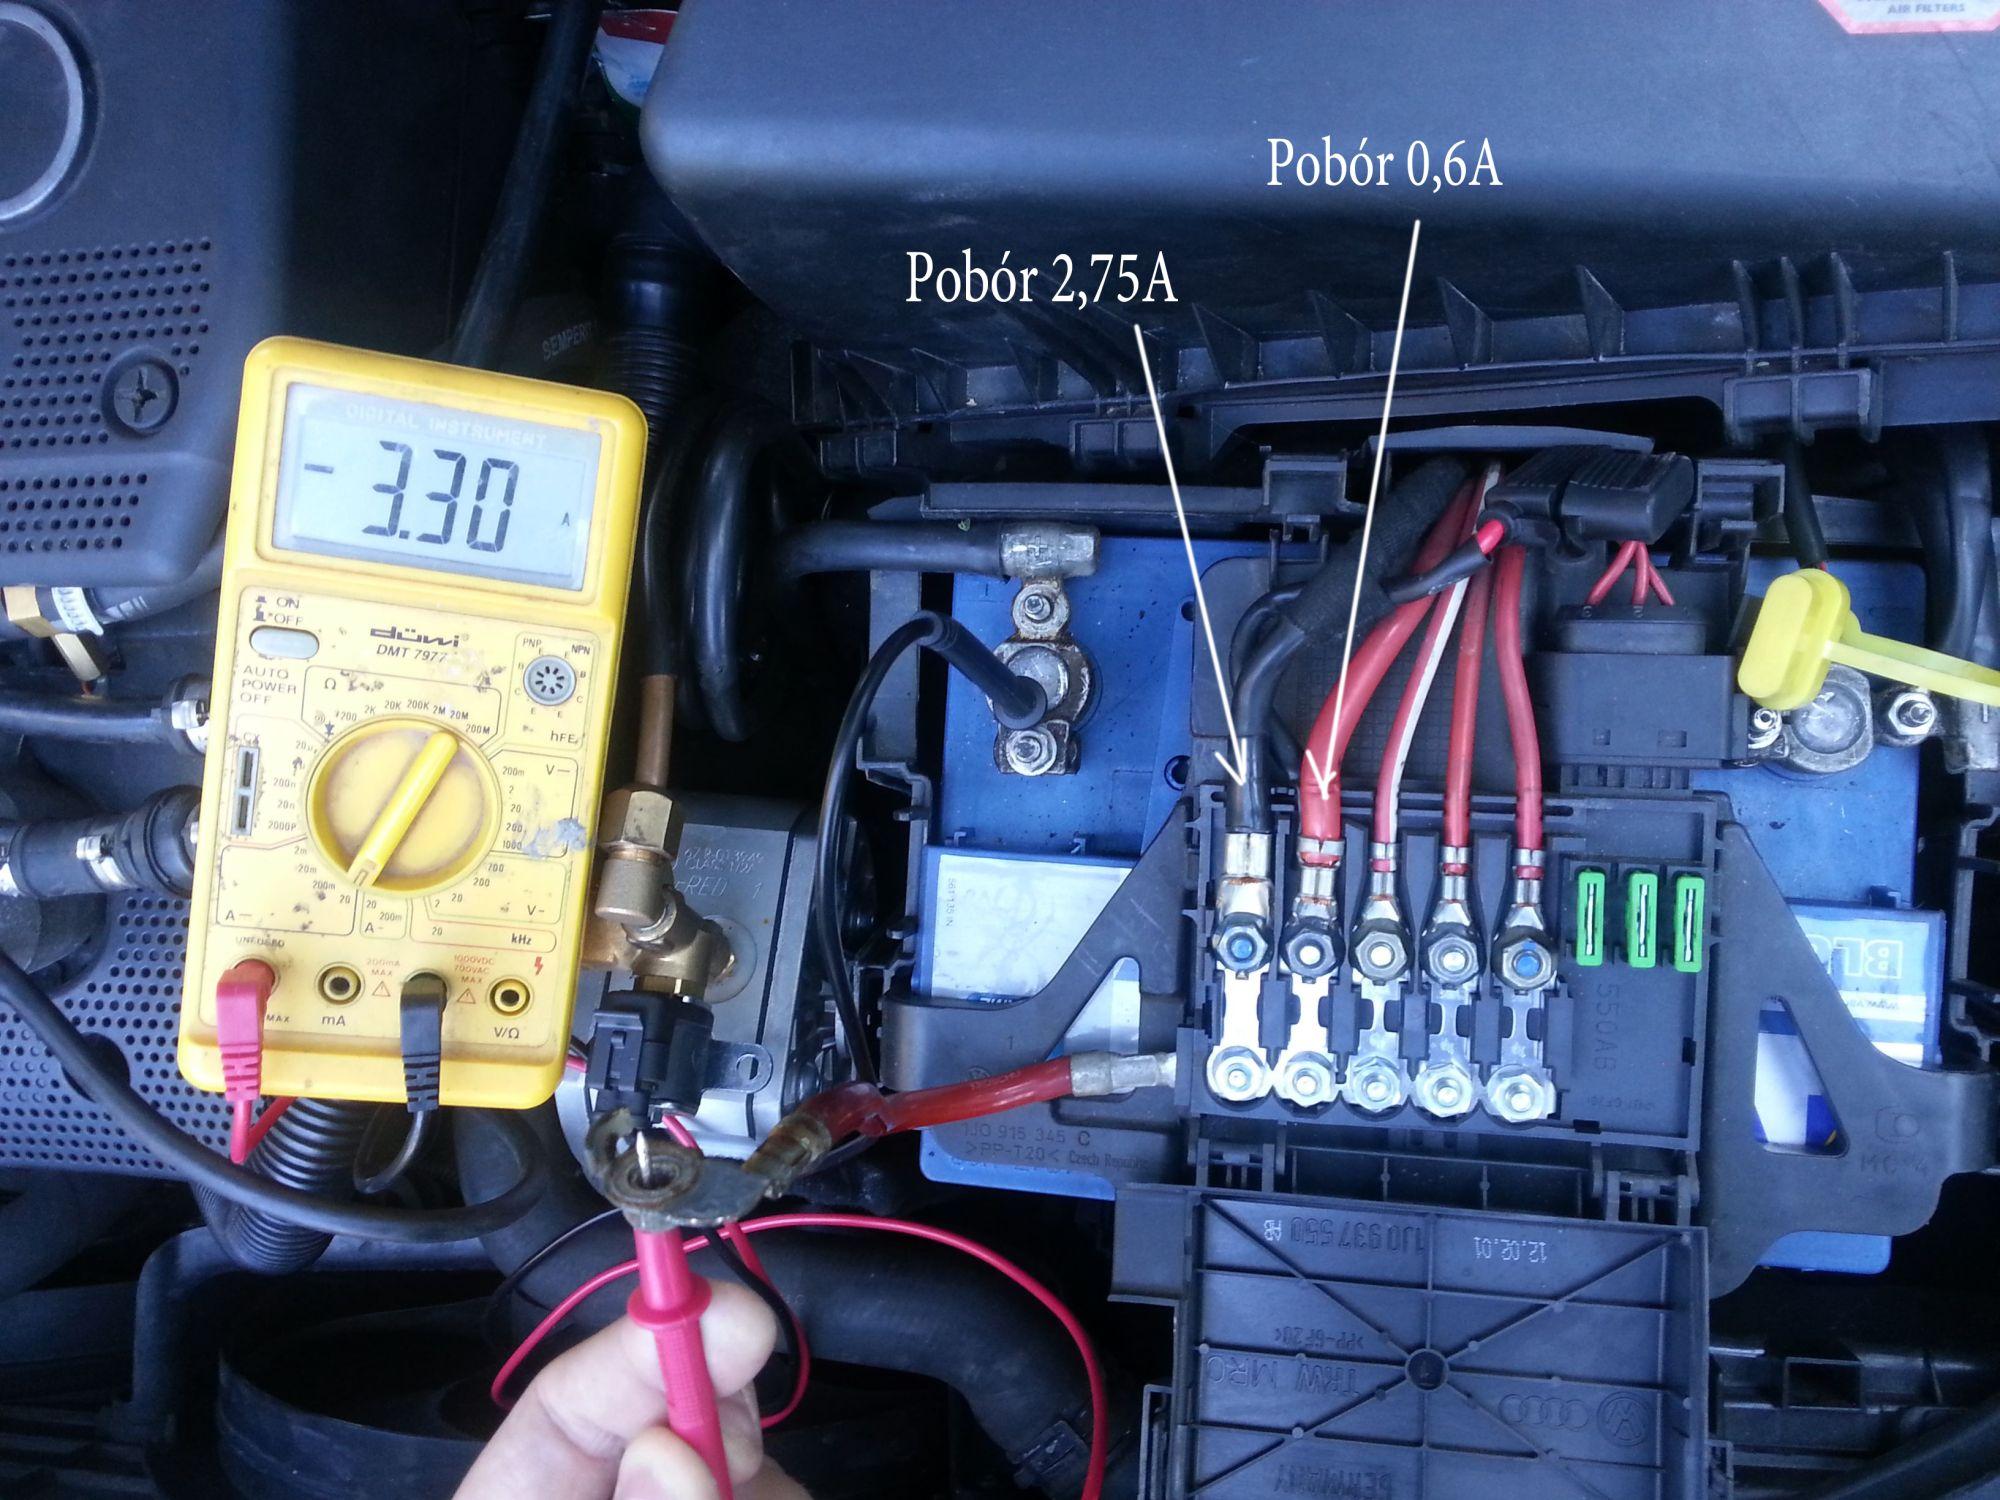 Modish Audi A3 1.8T - świeci kontrolka akumulatora - elektroda.pl RZ24